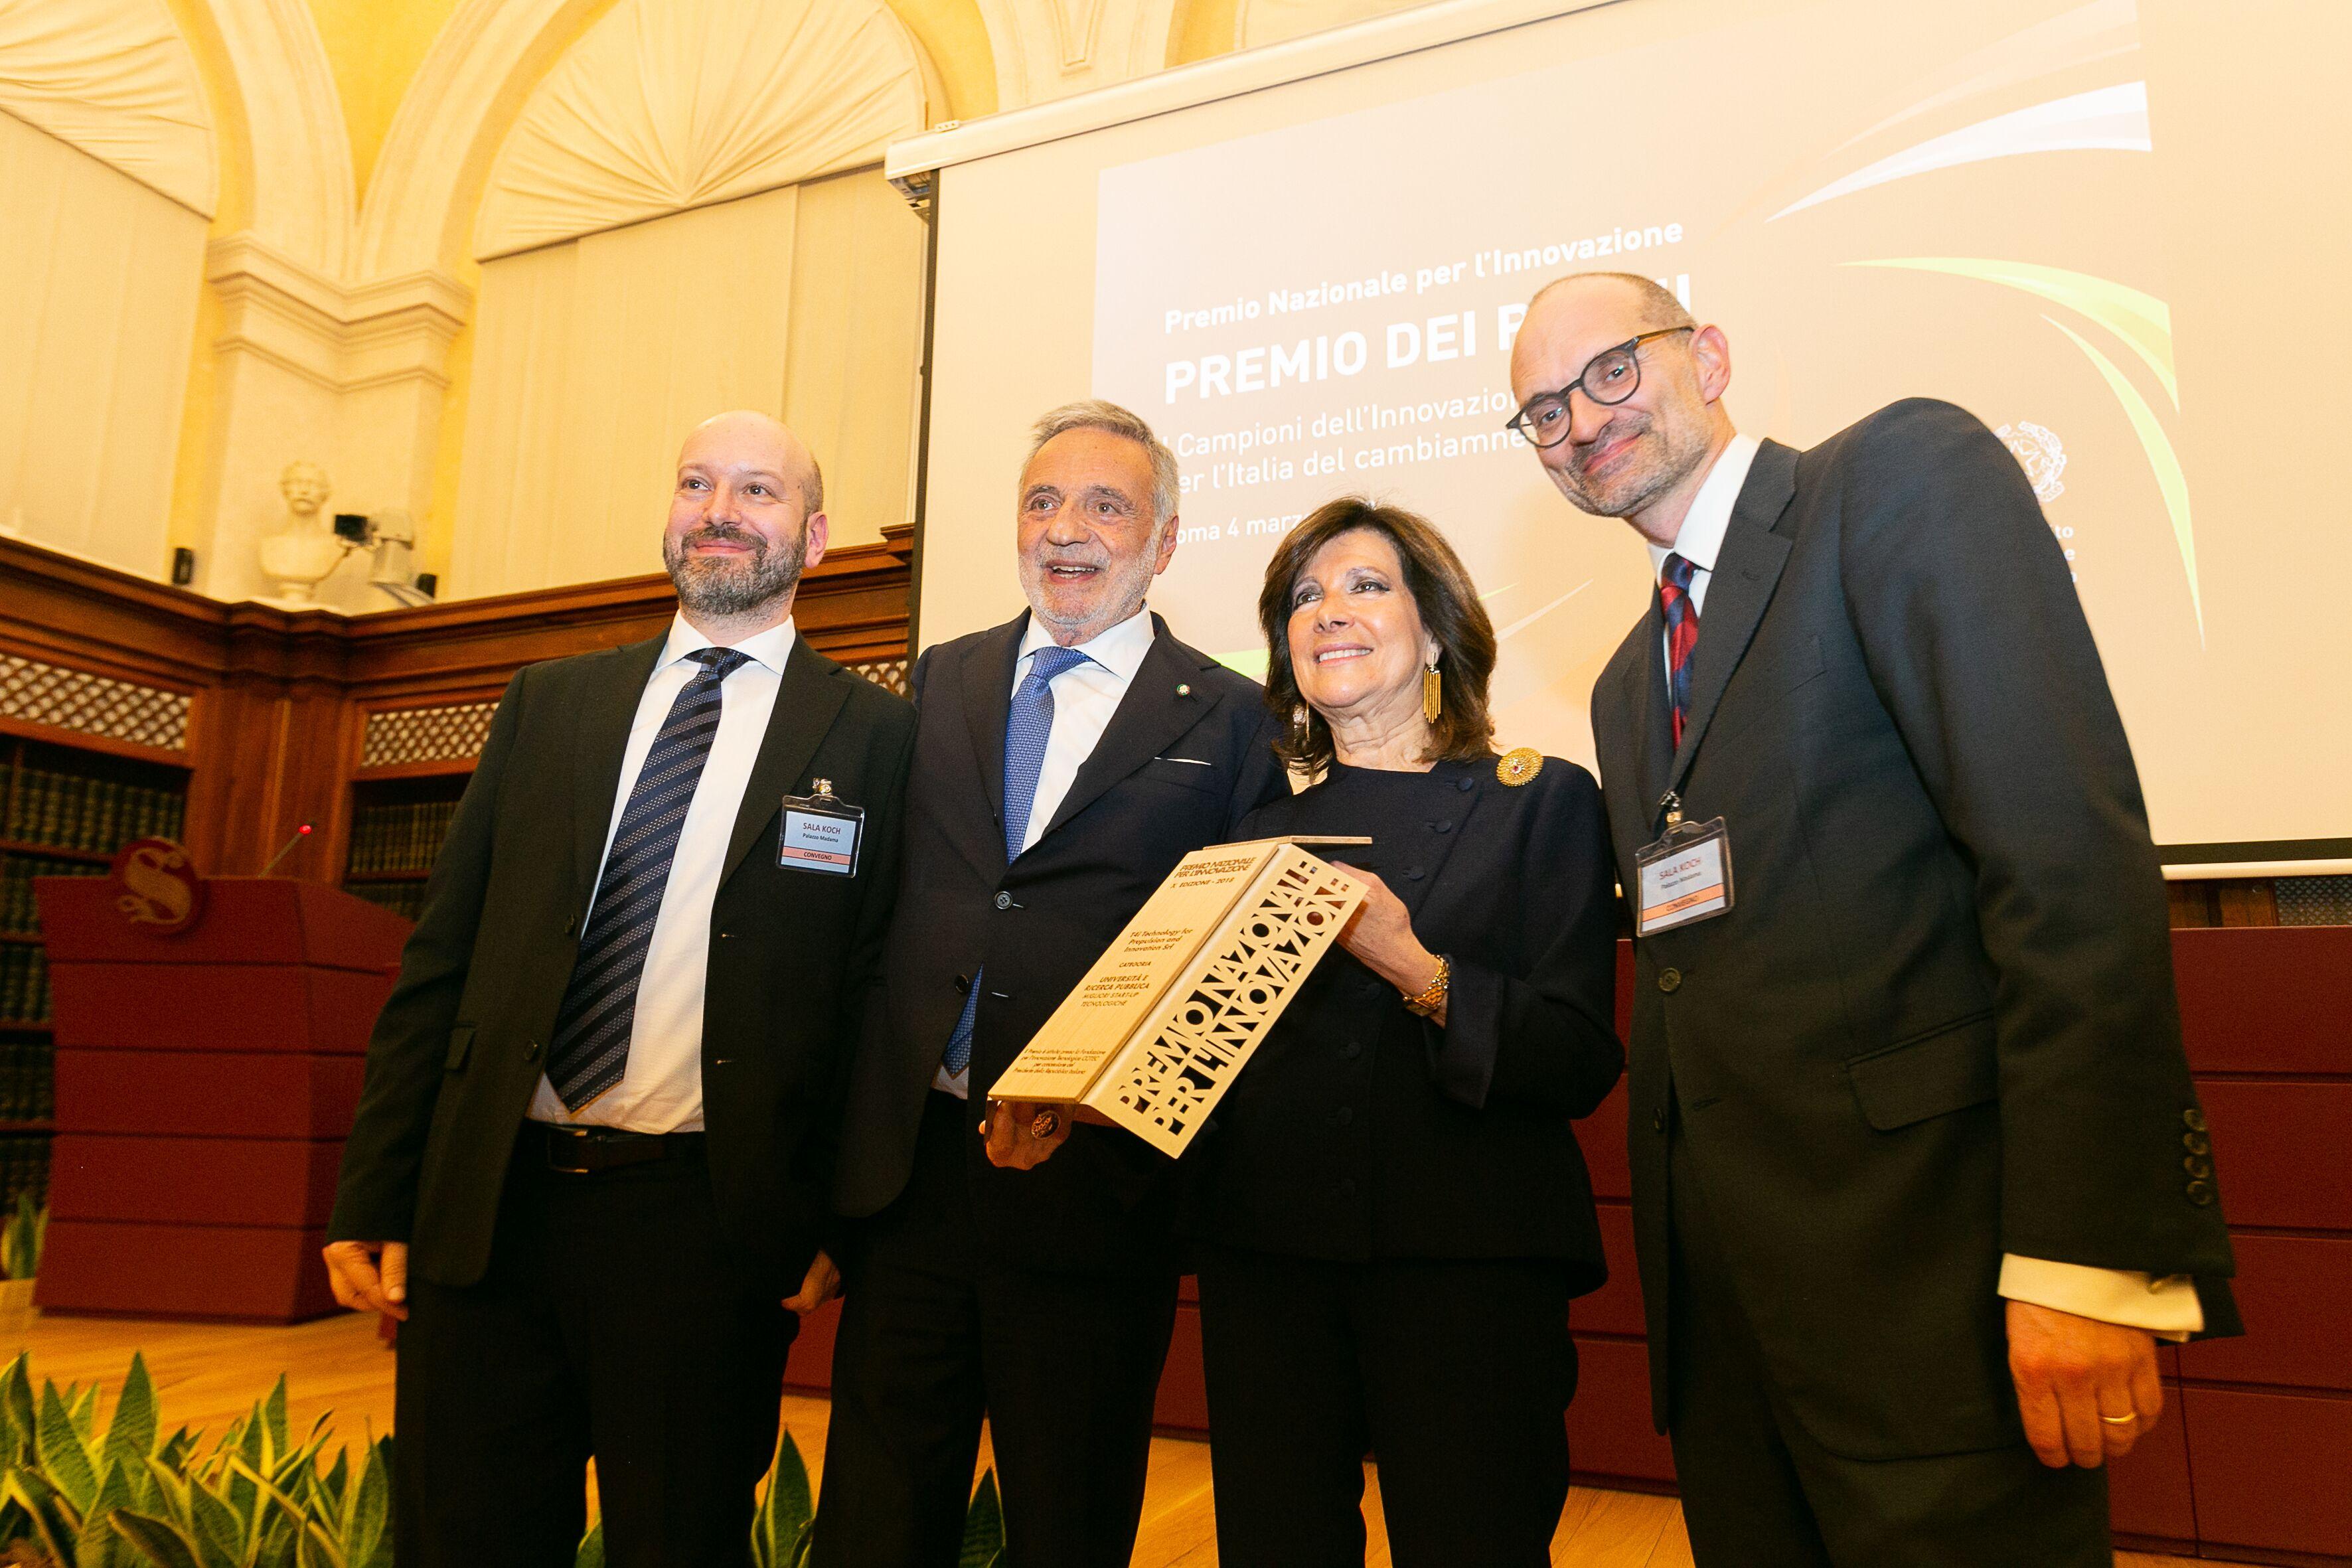 fondazione_cotec_premio_dei_premi_t4i